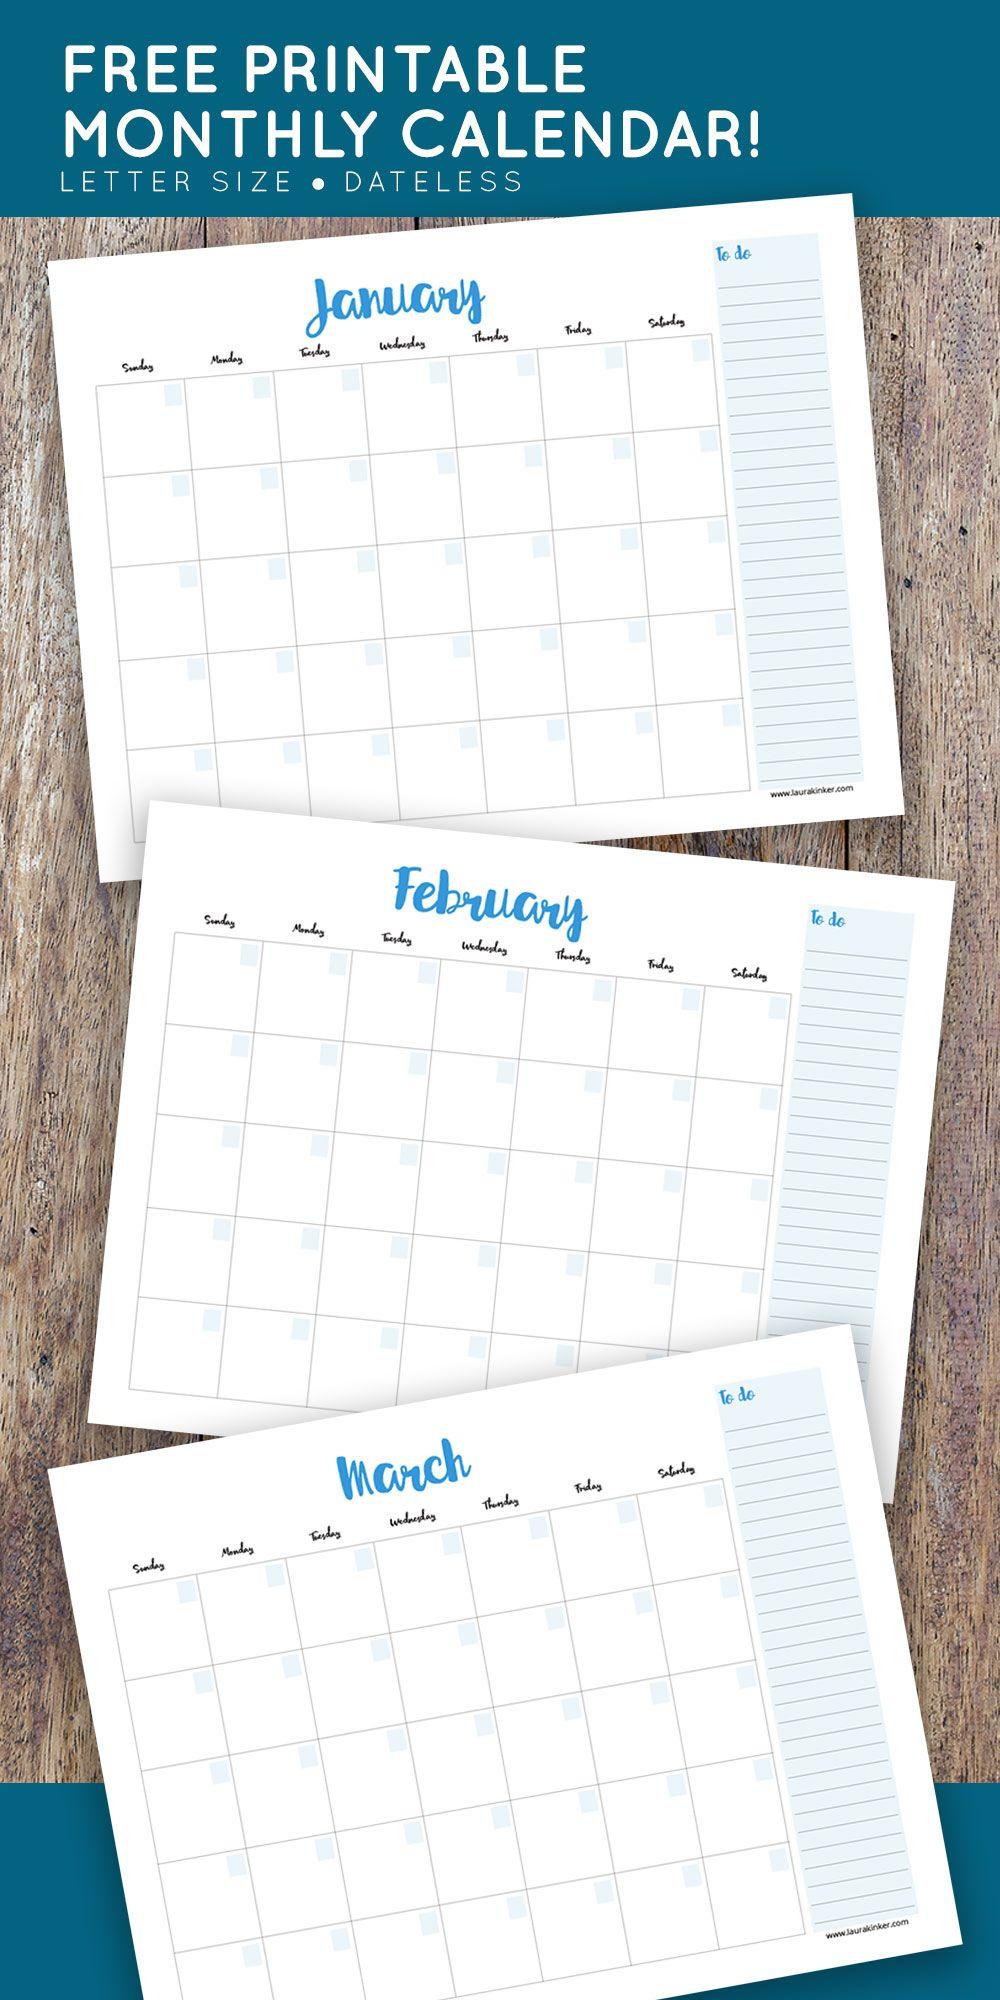 Free Printable Calendar | Free Printable Calendar, Printable